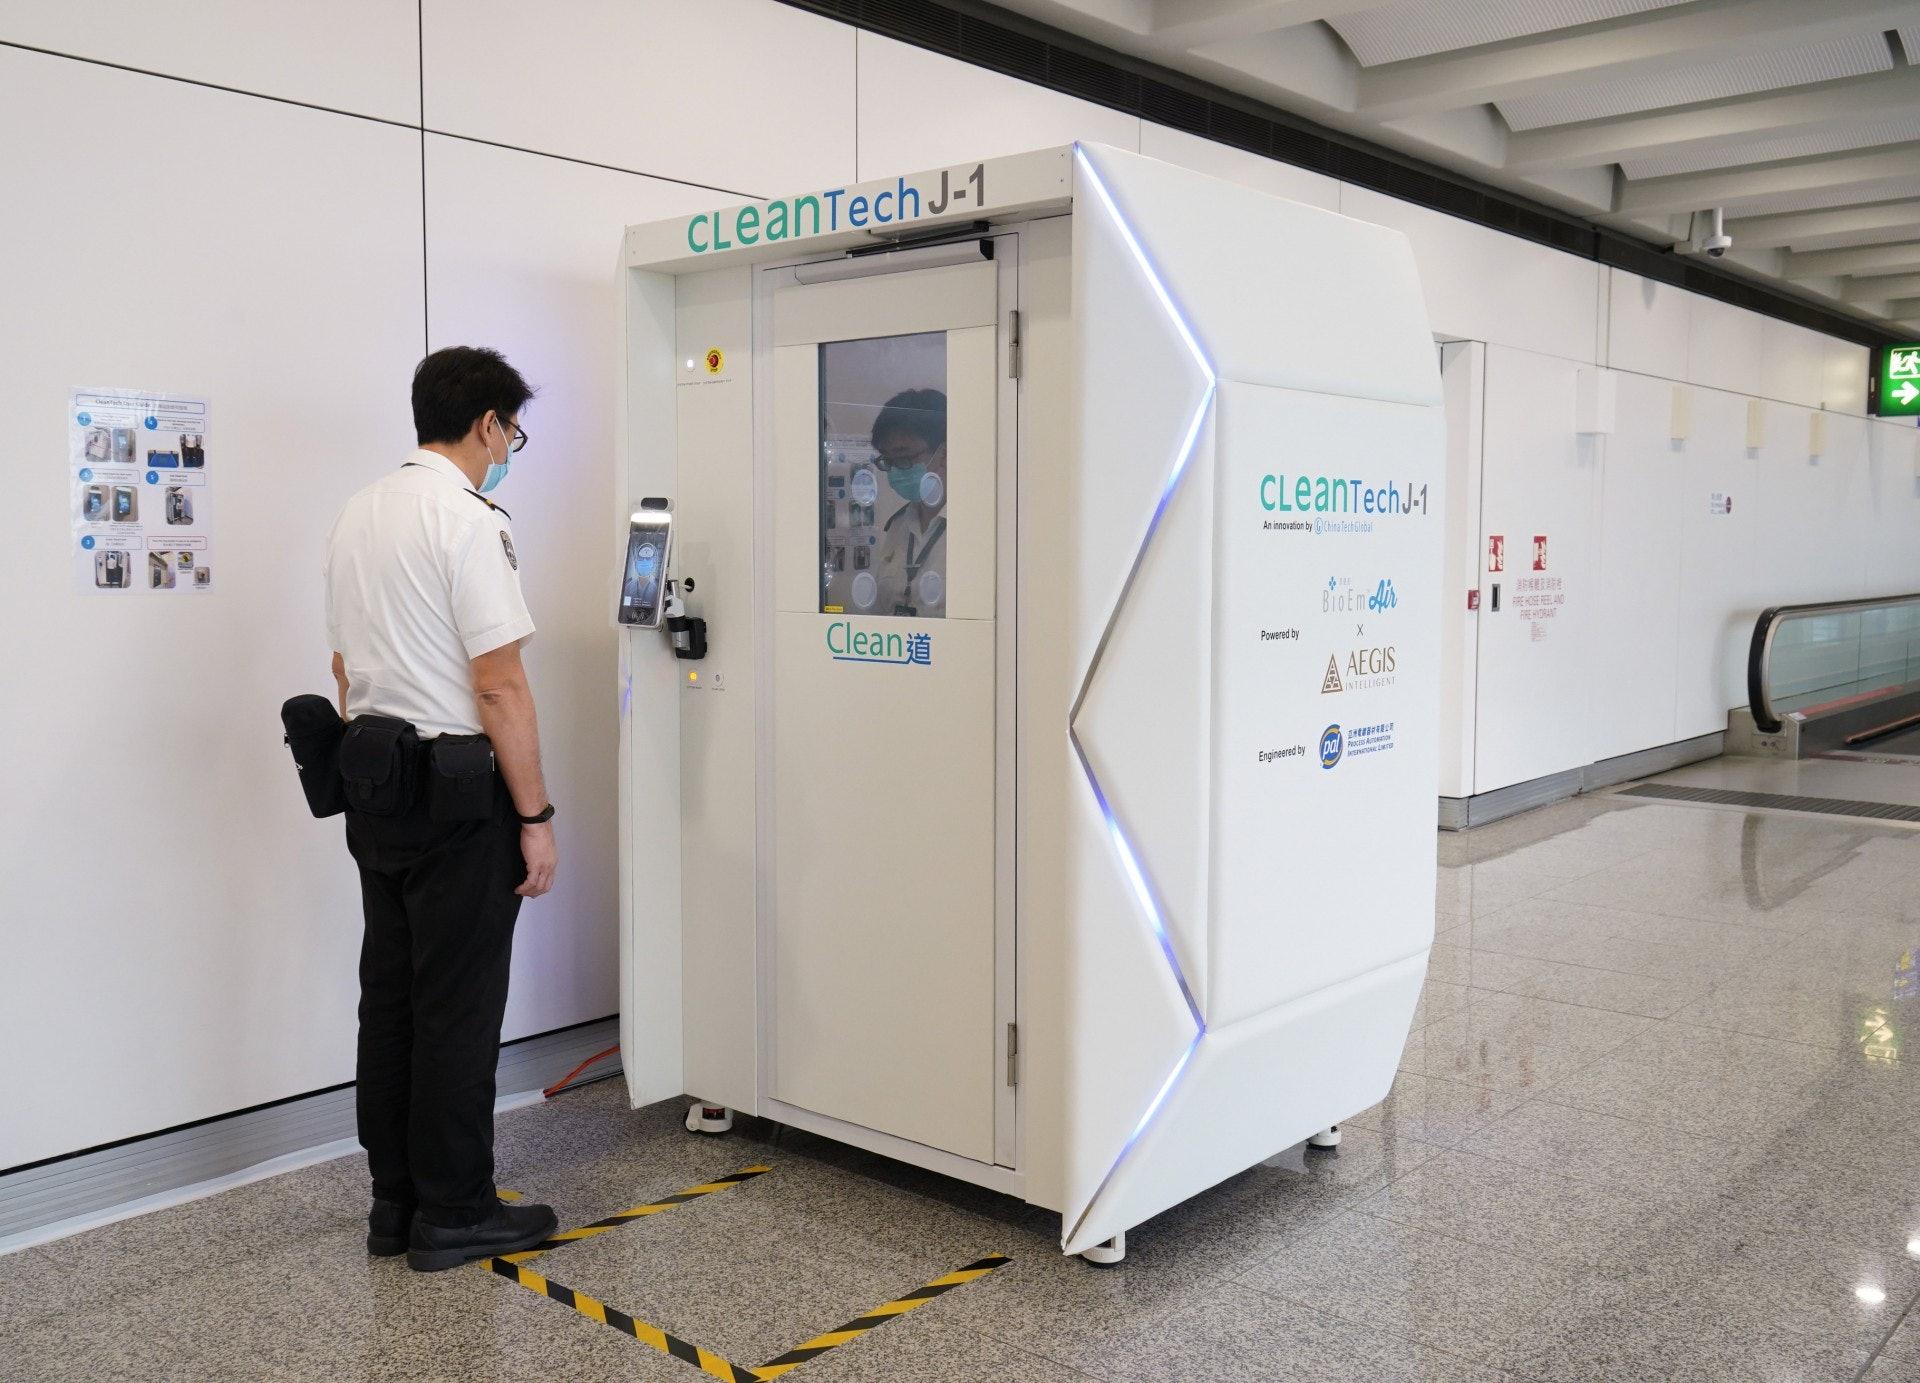 慎用 霧化式消毒器 - 機埸早前亦考慮利用霧化式消毒器 為旅客消毒